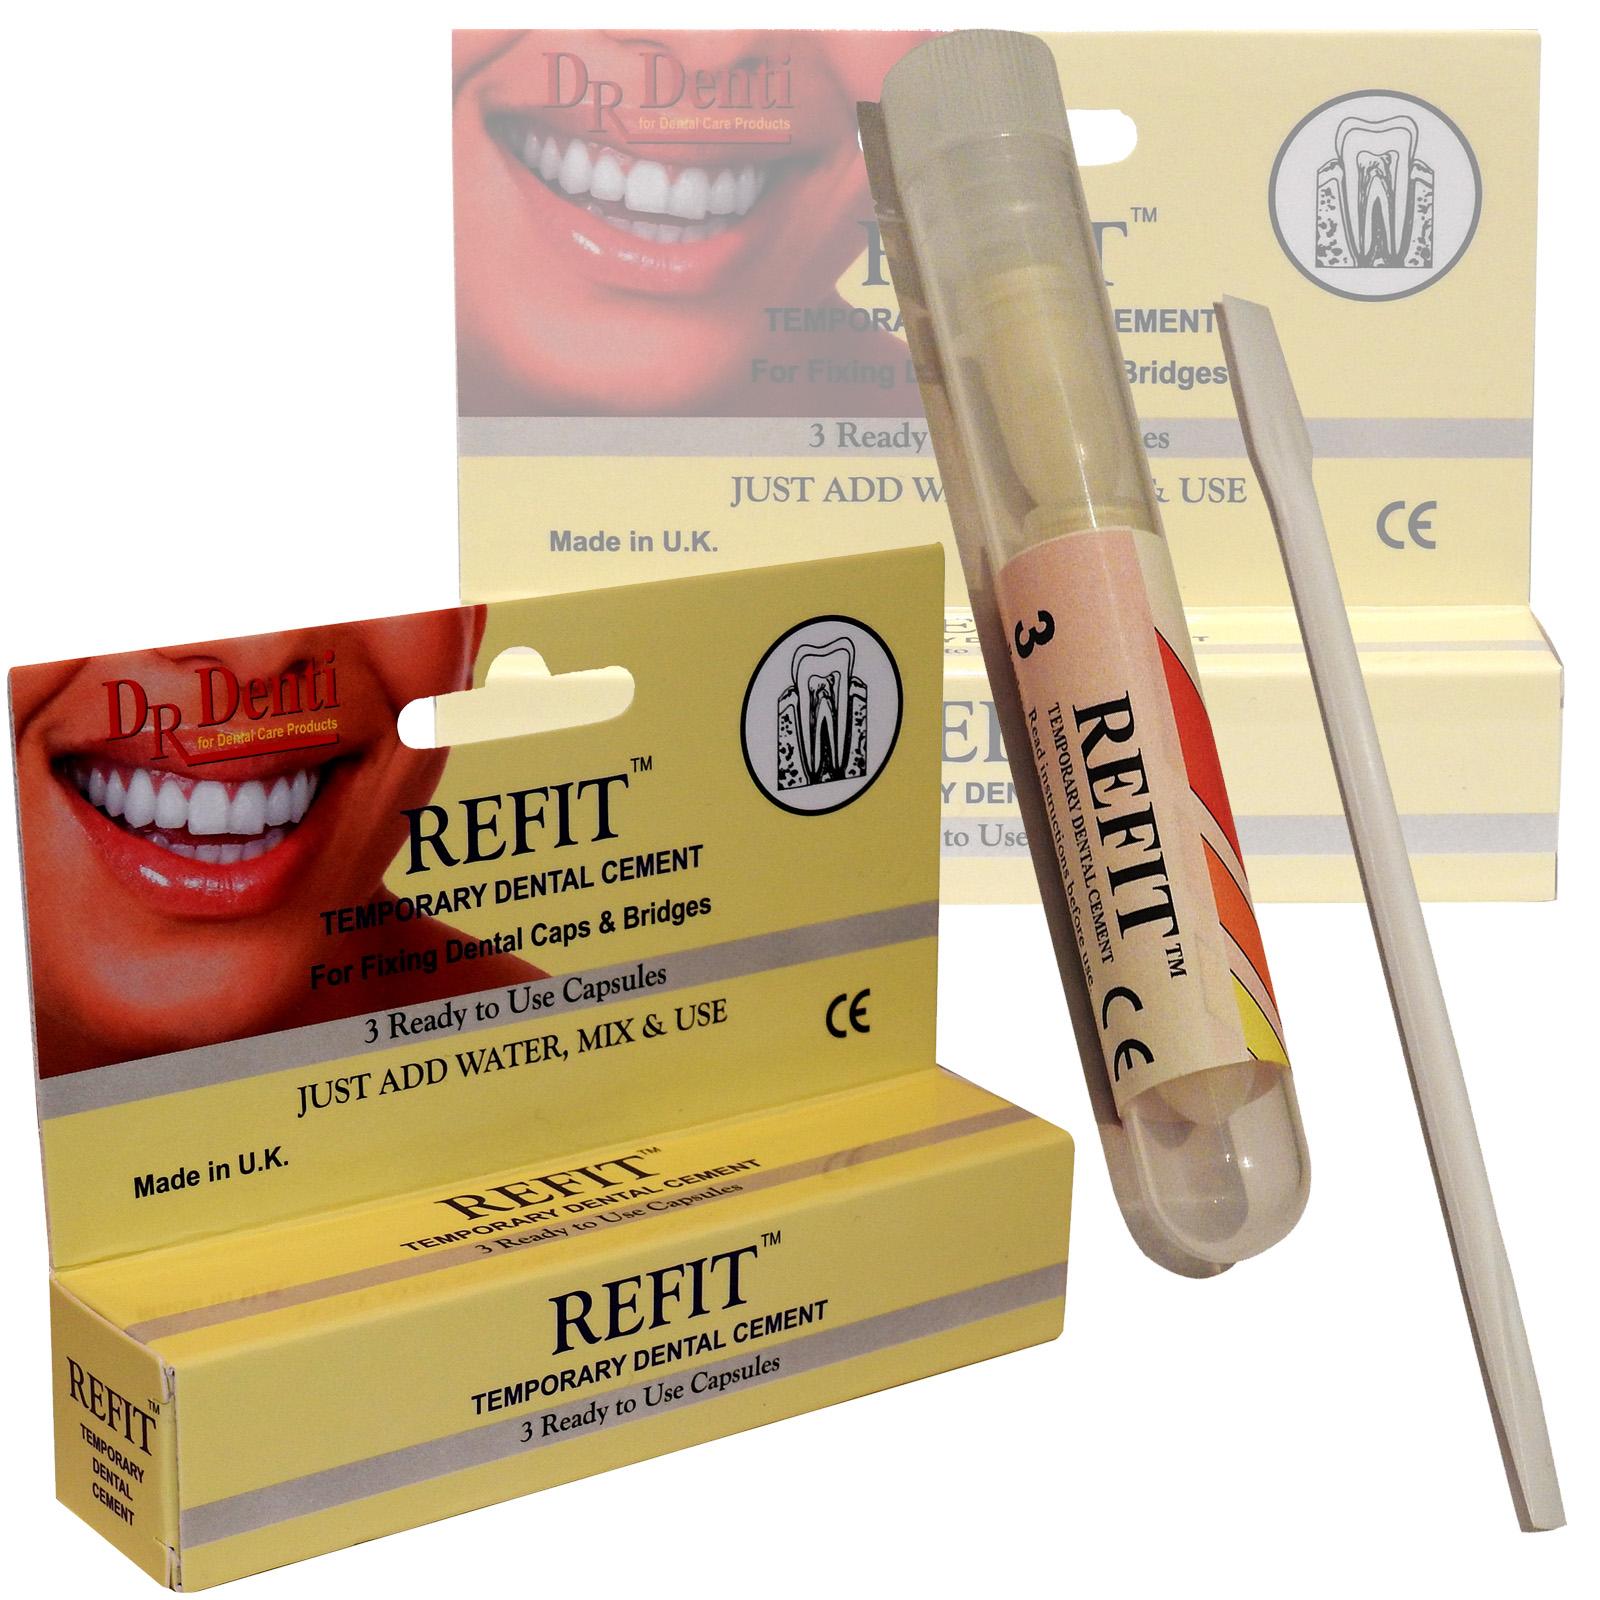 Dr Denti Refit Emergency Temporary Dental Caps Bridges Veneers